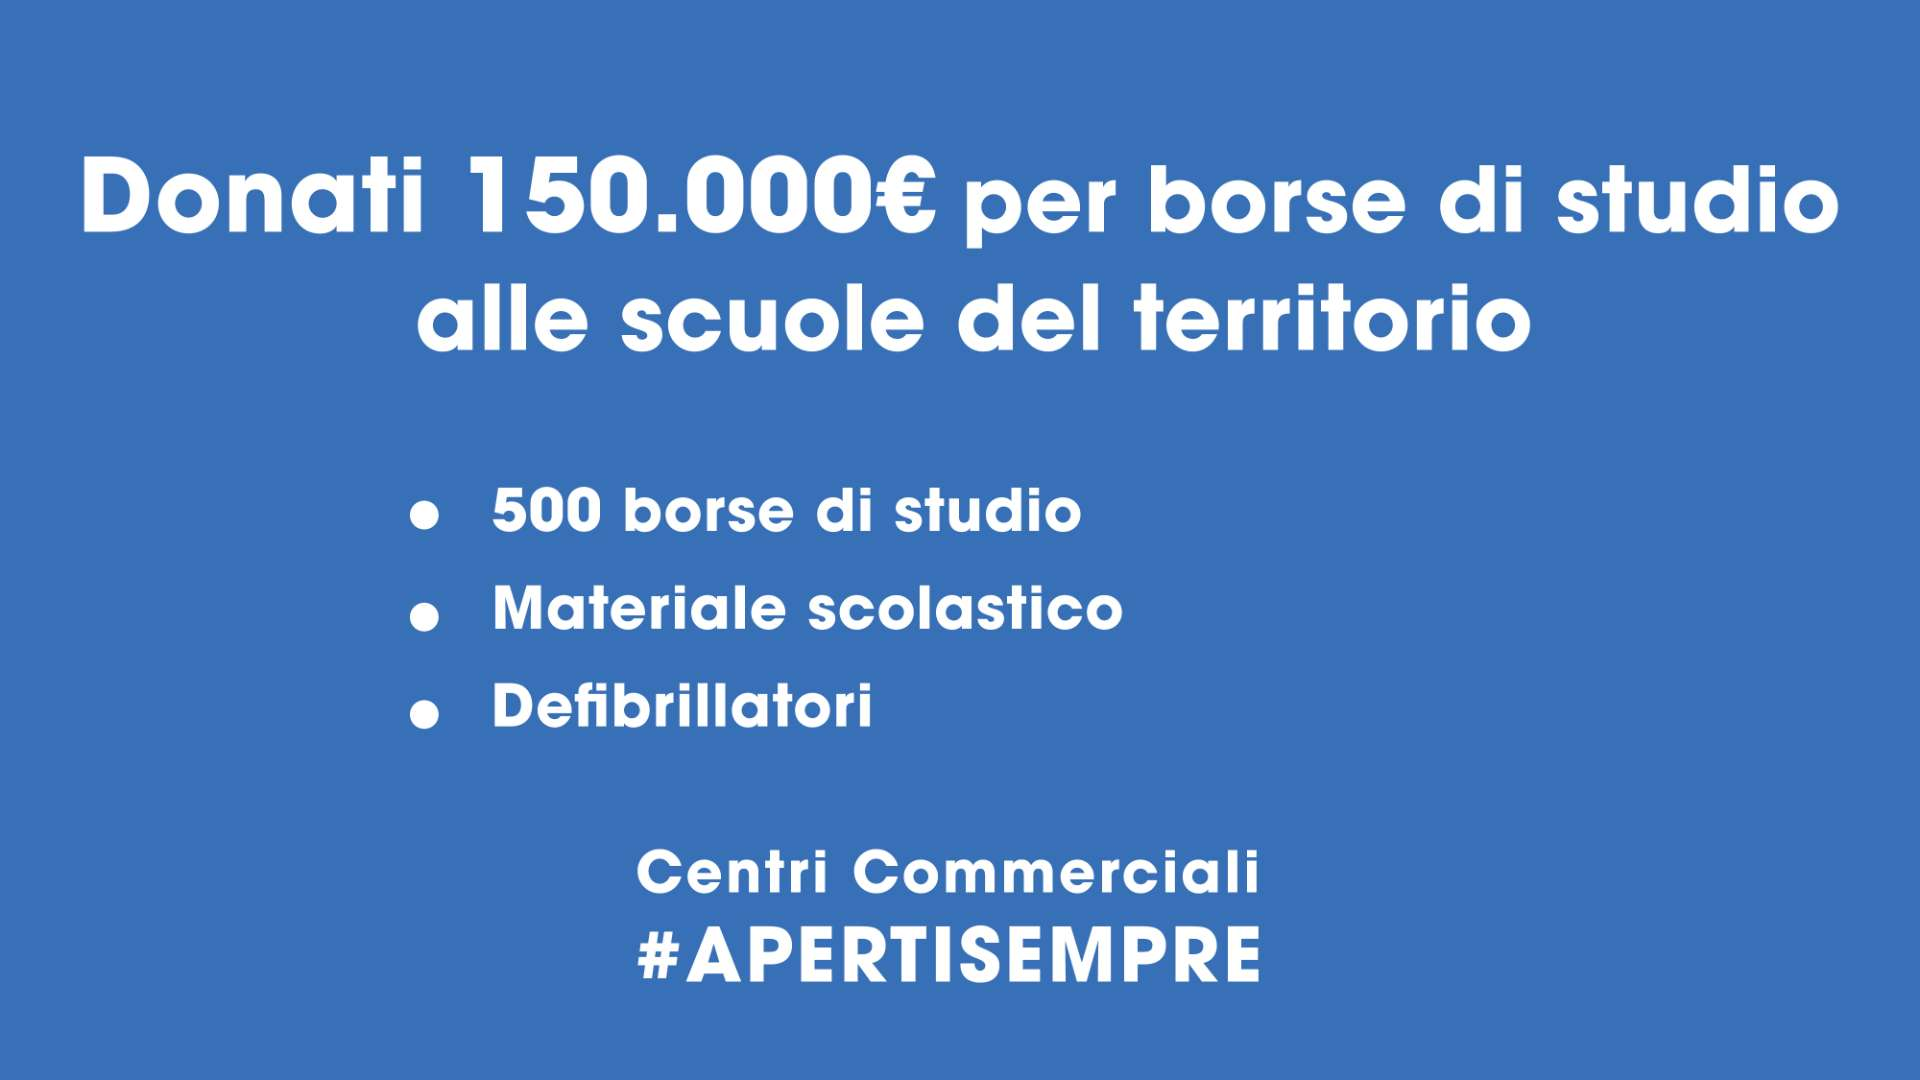 Centri Commerciali #APERTISEMPRE #ISTRUZIONE